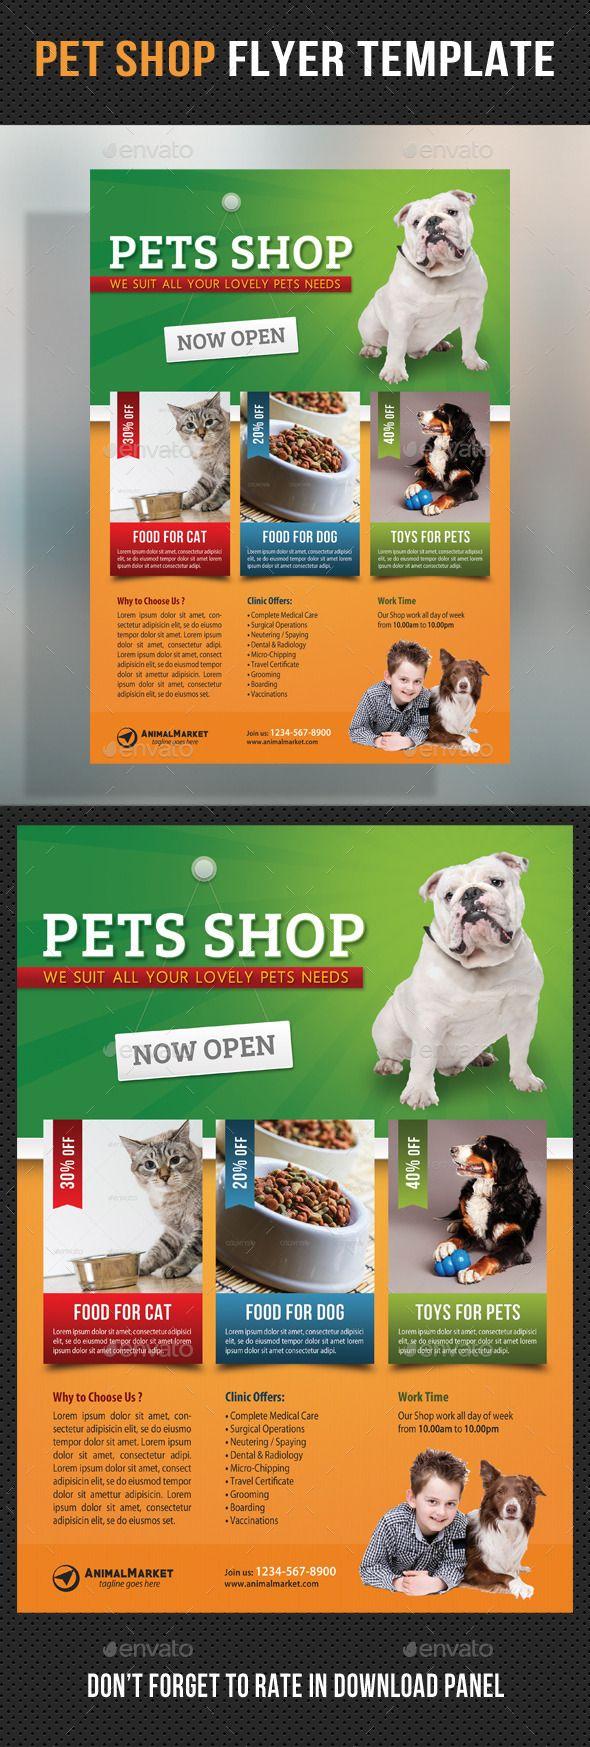 Pet Shop Flyer Template Pet Shop Pets Online Pet Supplies